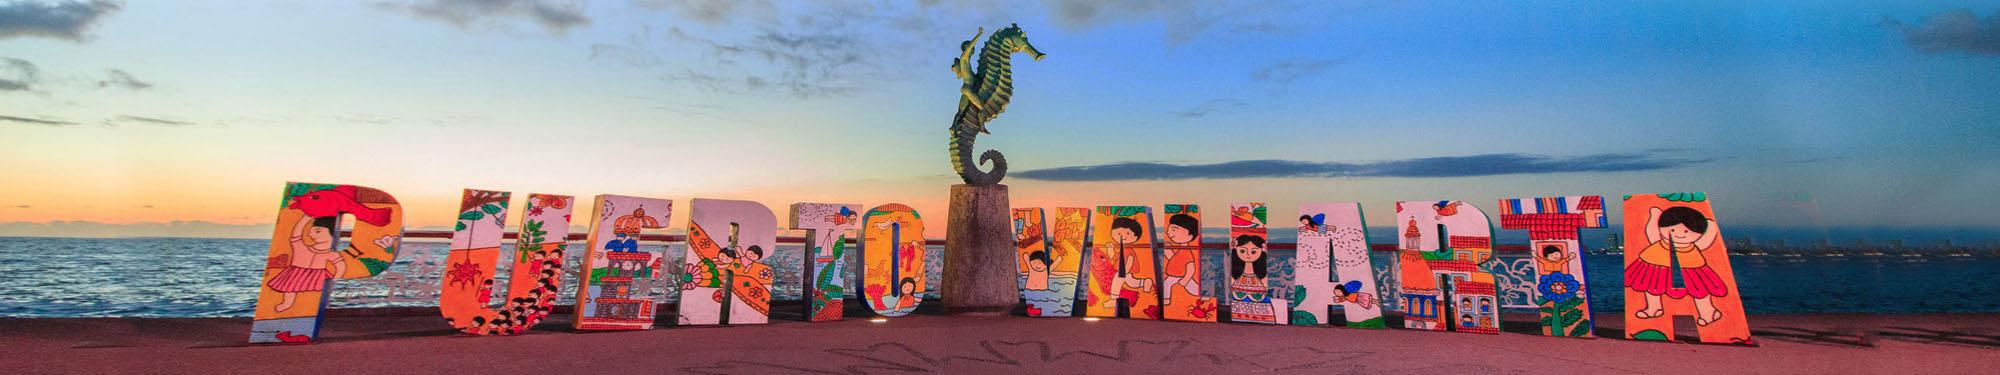 Excursiones en Puerto Vallarta